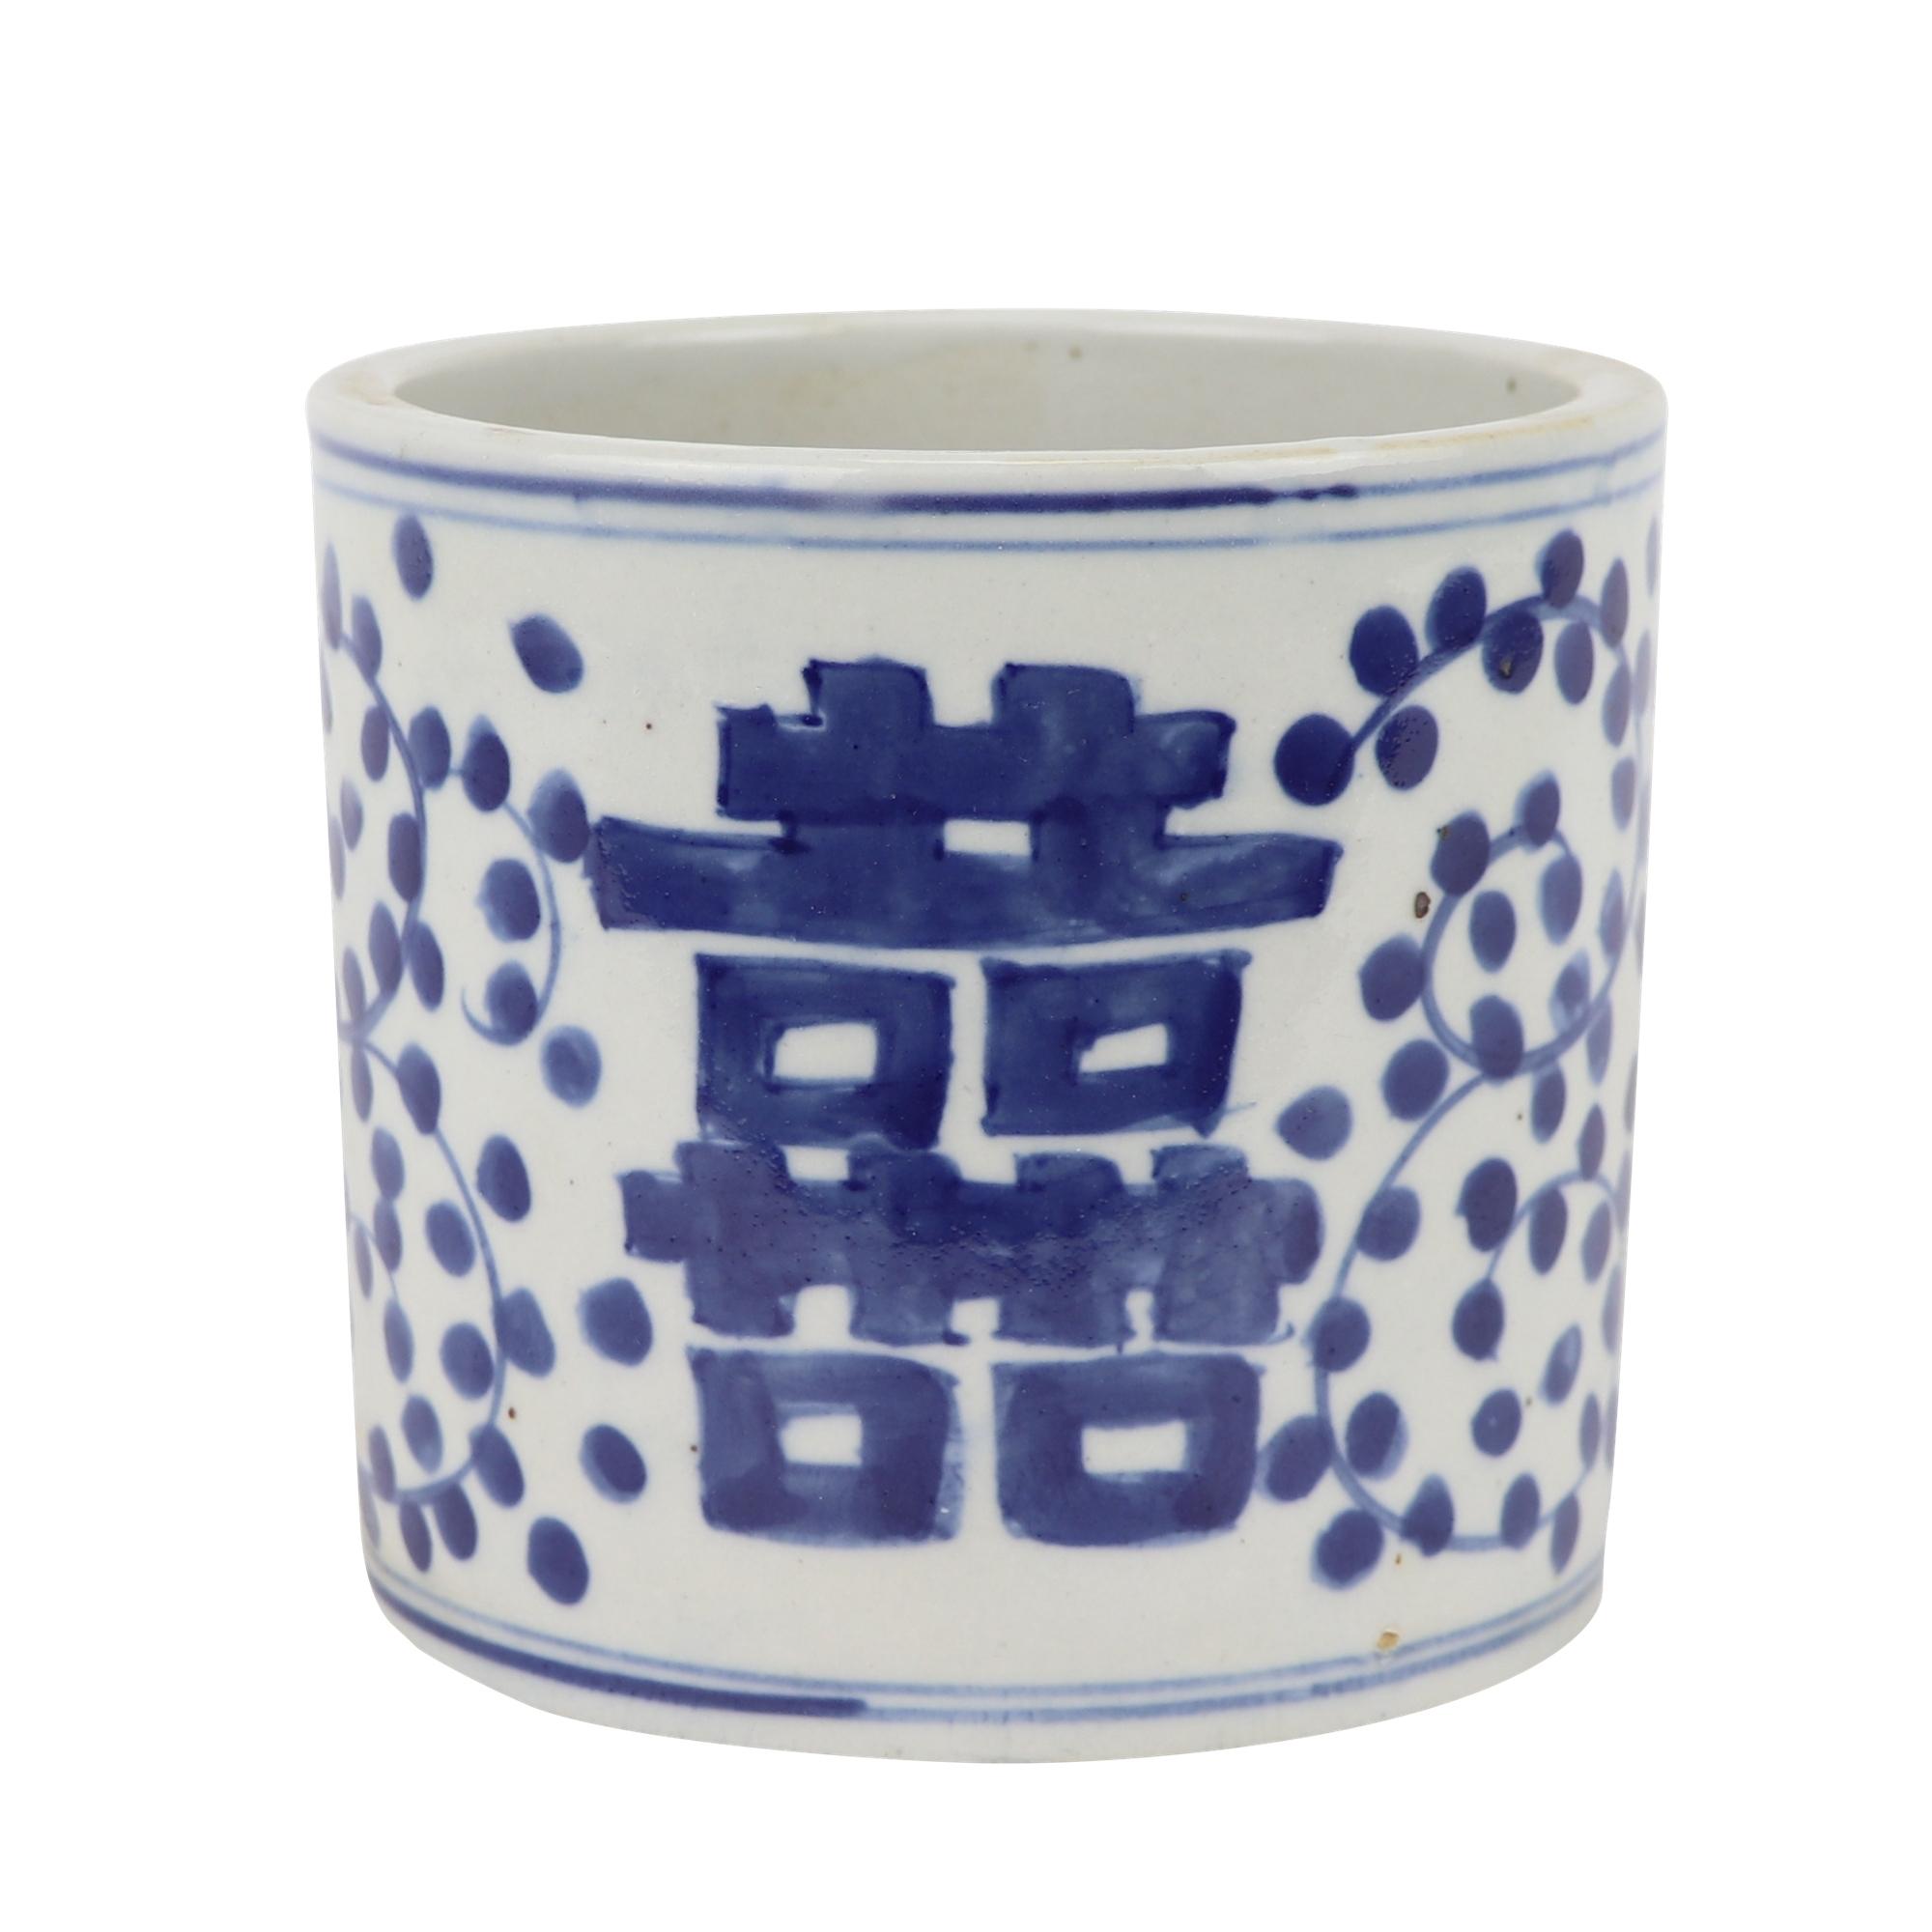 青花瓷喜字纹设计的圆形笔筒